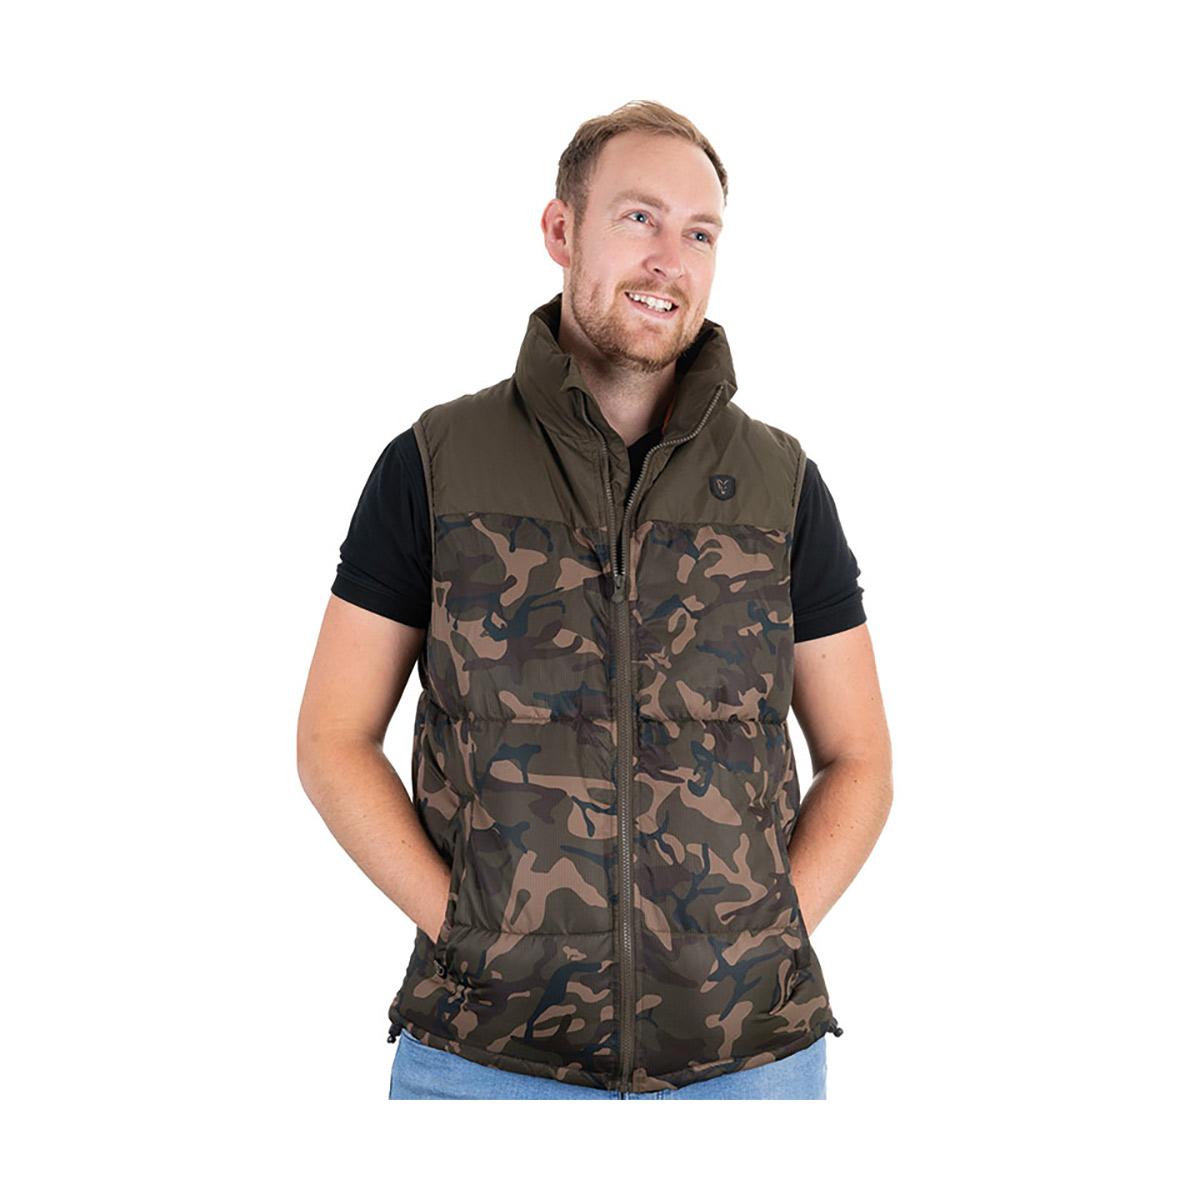 Angeljacke f/ür Karpfenangler Angelbekleidung Fox Camo//Khaki RS Jacket Winterjacke f/ür Angler Gr/ö/ße:XXXL